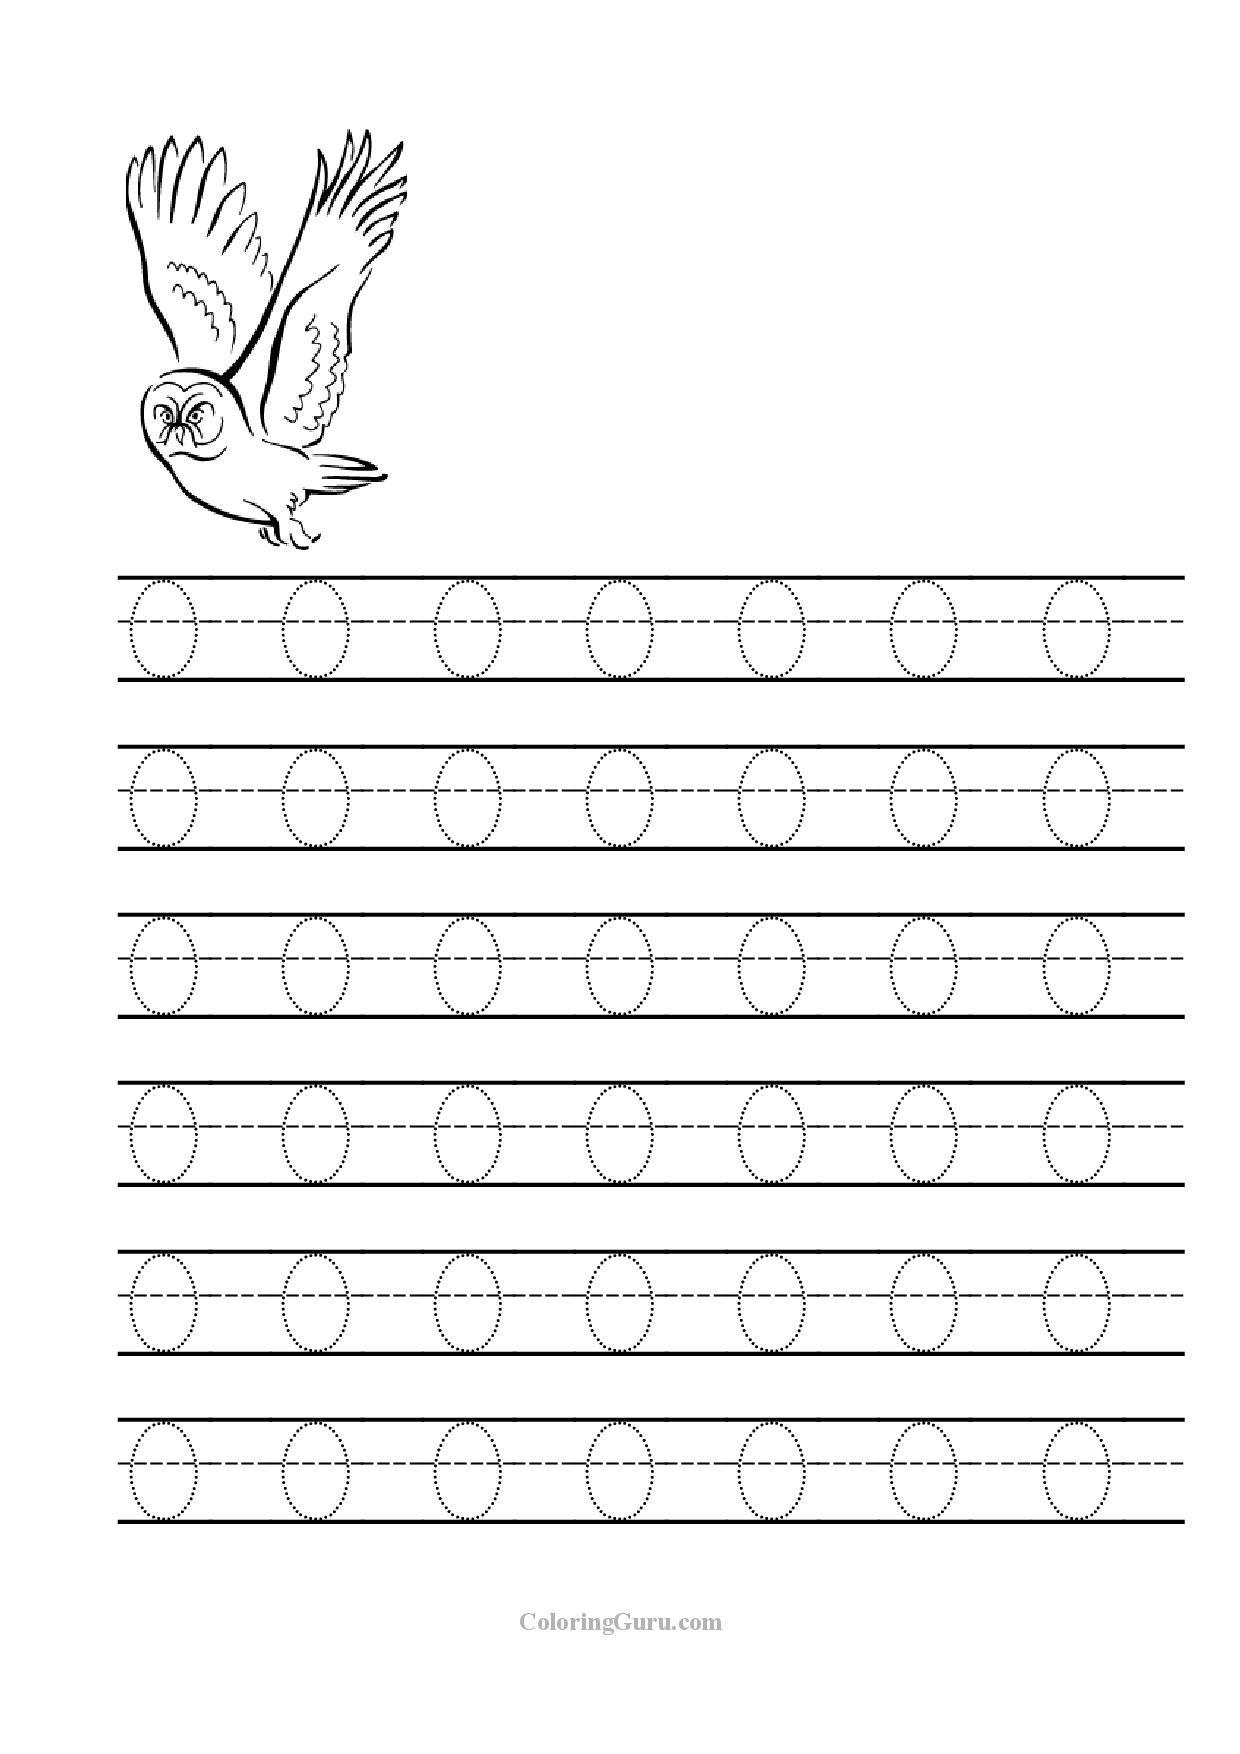 Pinjackie Faye Odell On Outside | Letter O Worksheets inside Trace Letter O Worksheets